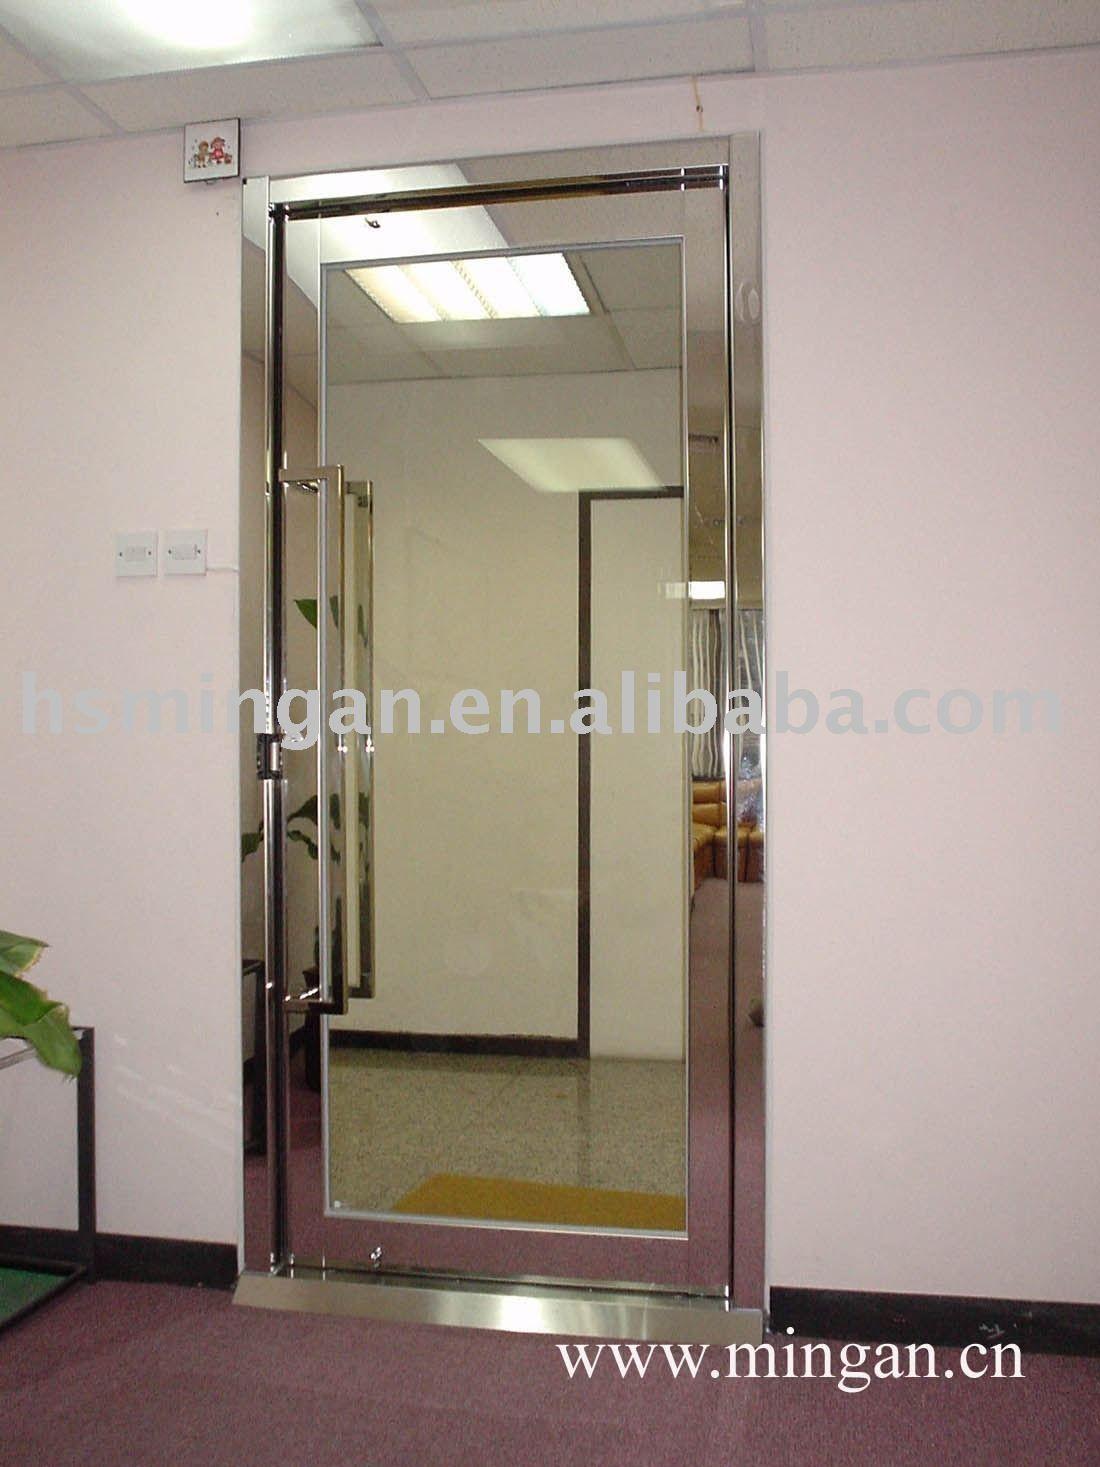 Fireproof sliding glass door glass door bookcase with